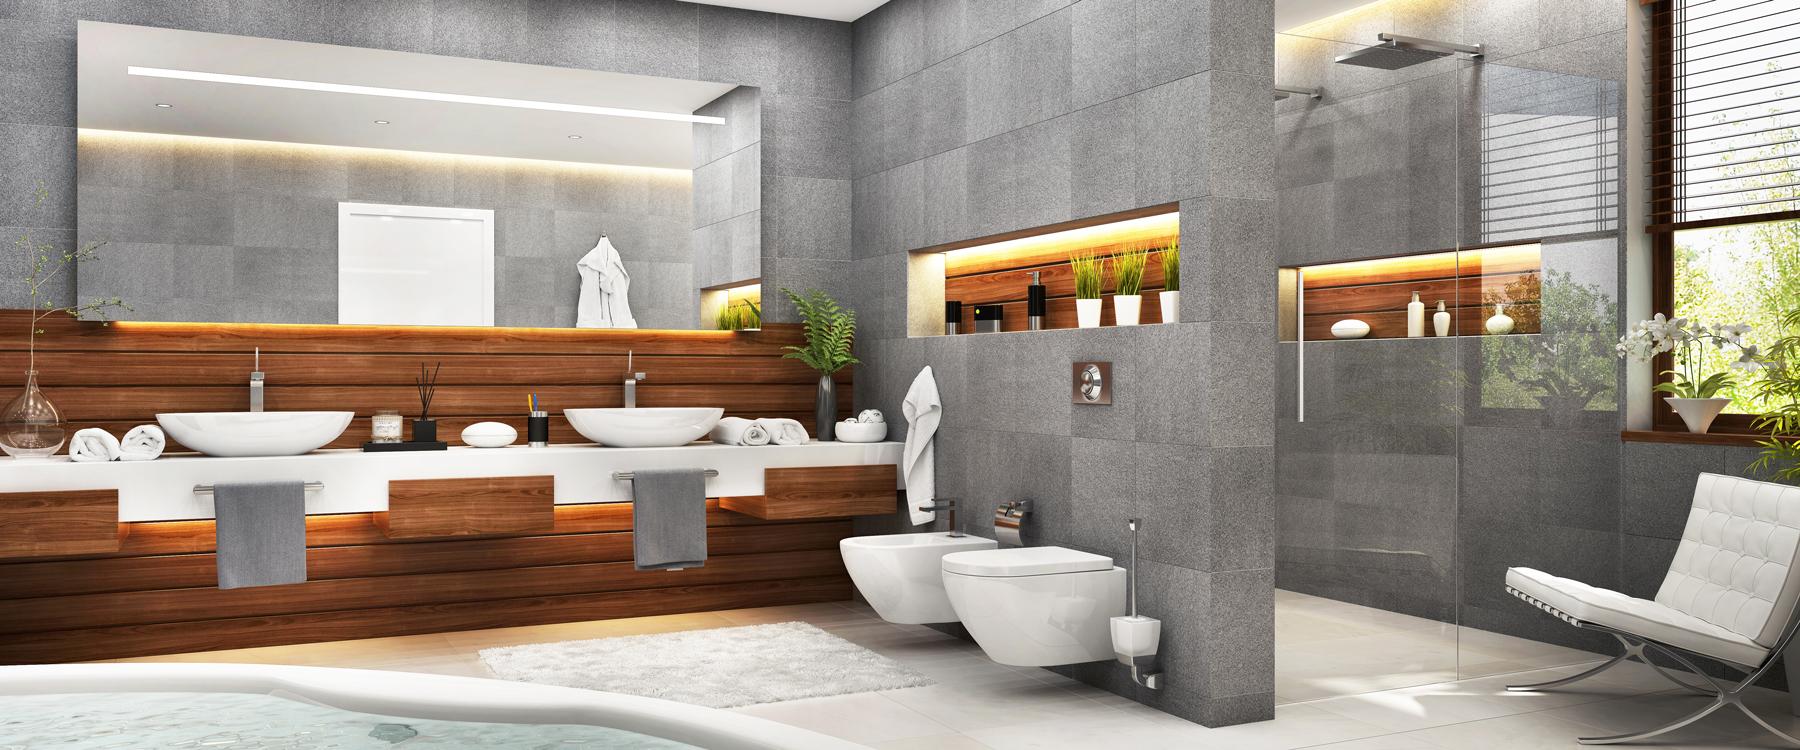 bathroom remodeling contractor Plano, Texas